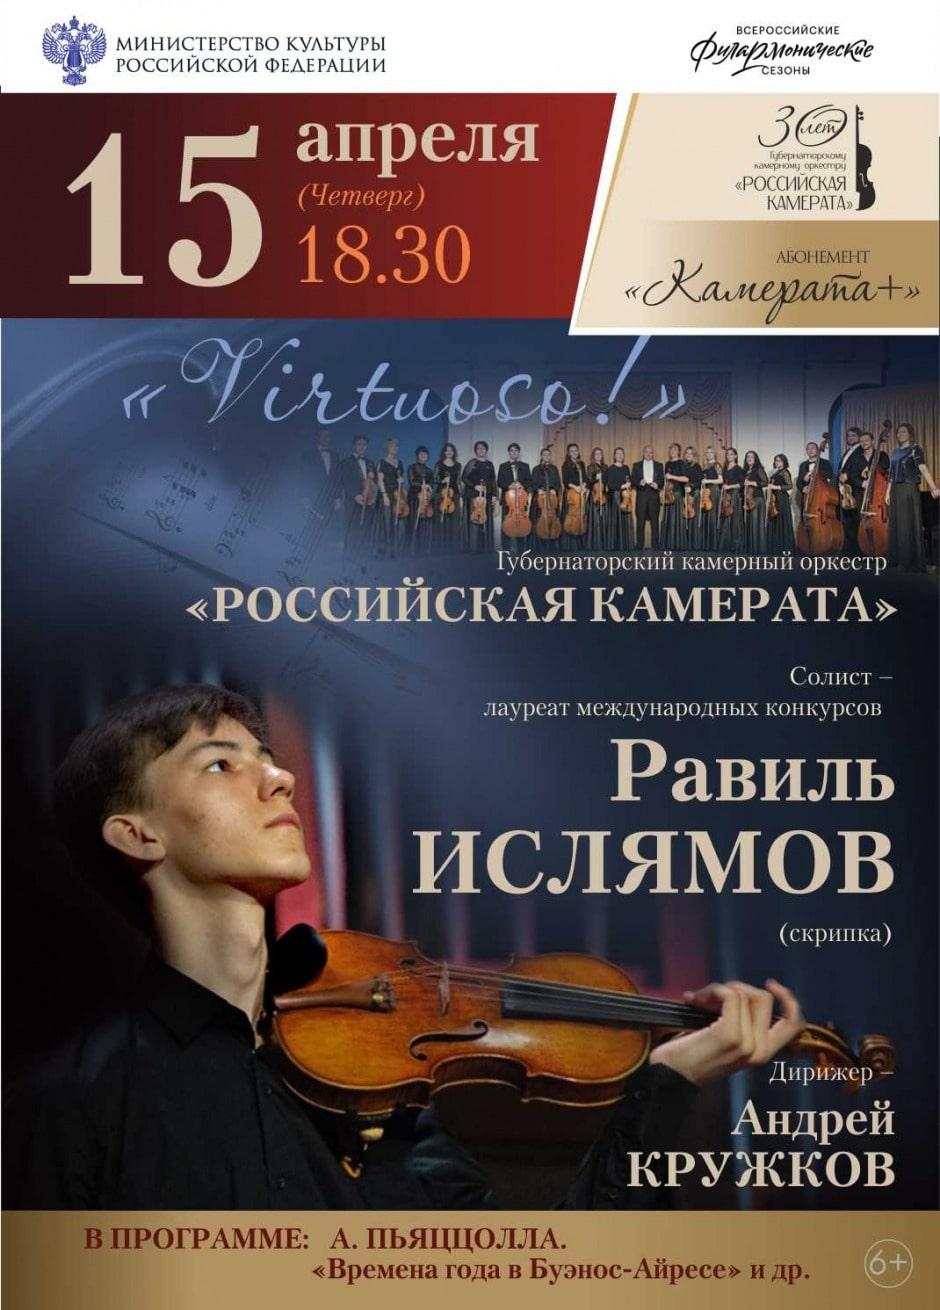 Музыкант, виртуозно владеющий старинной скрипкой Гварнери «дель Джезу», выступит в Твери